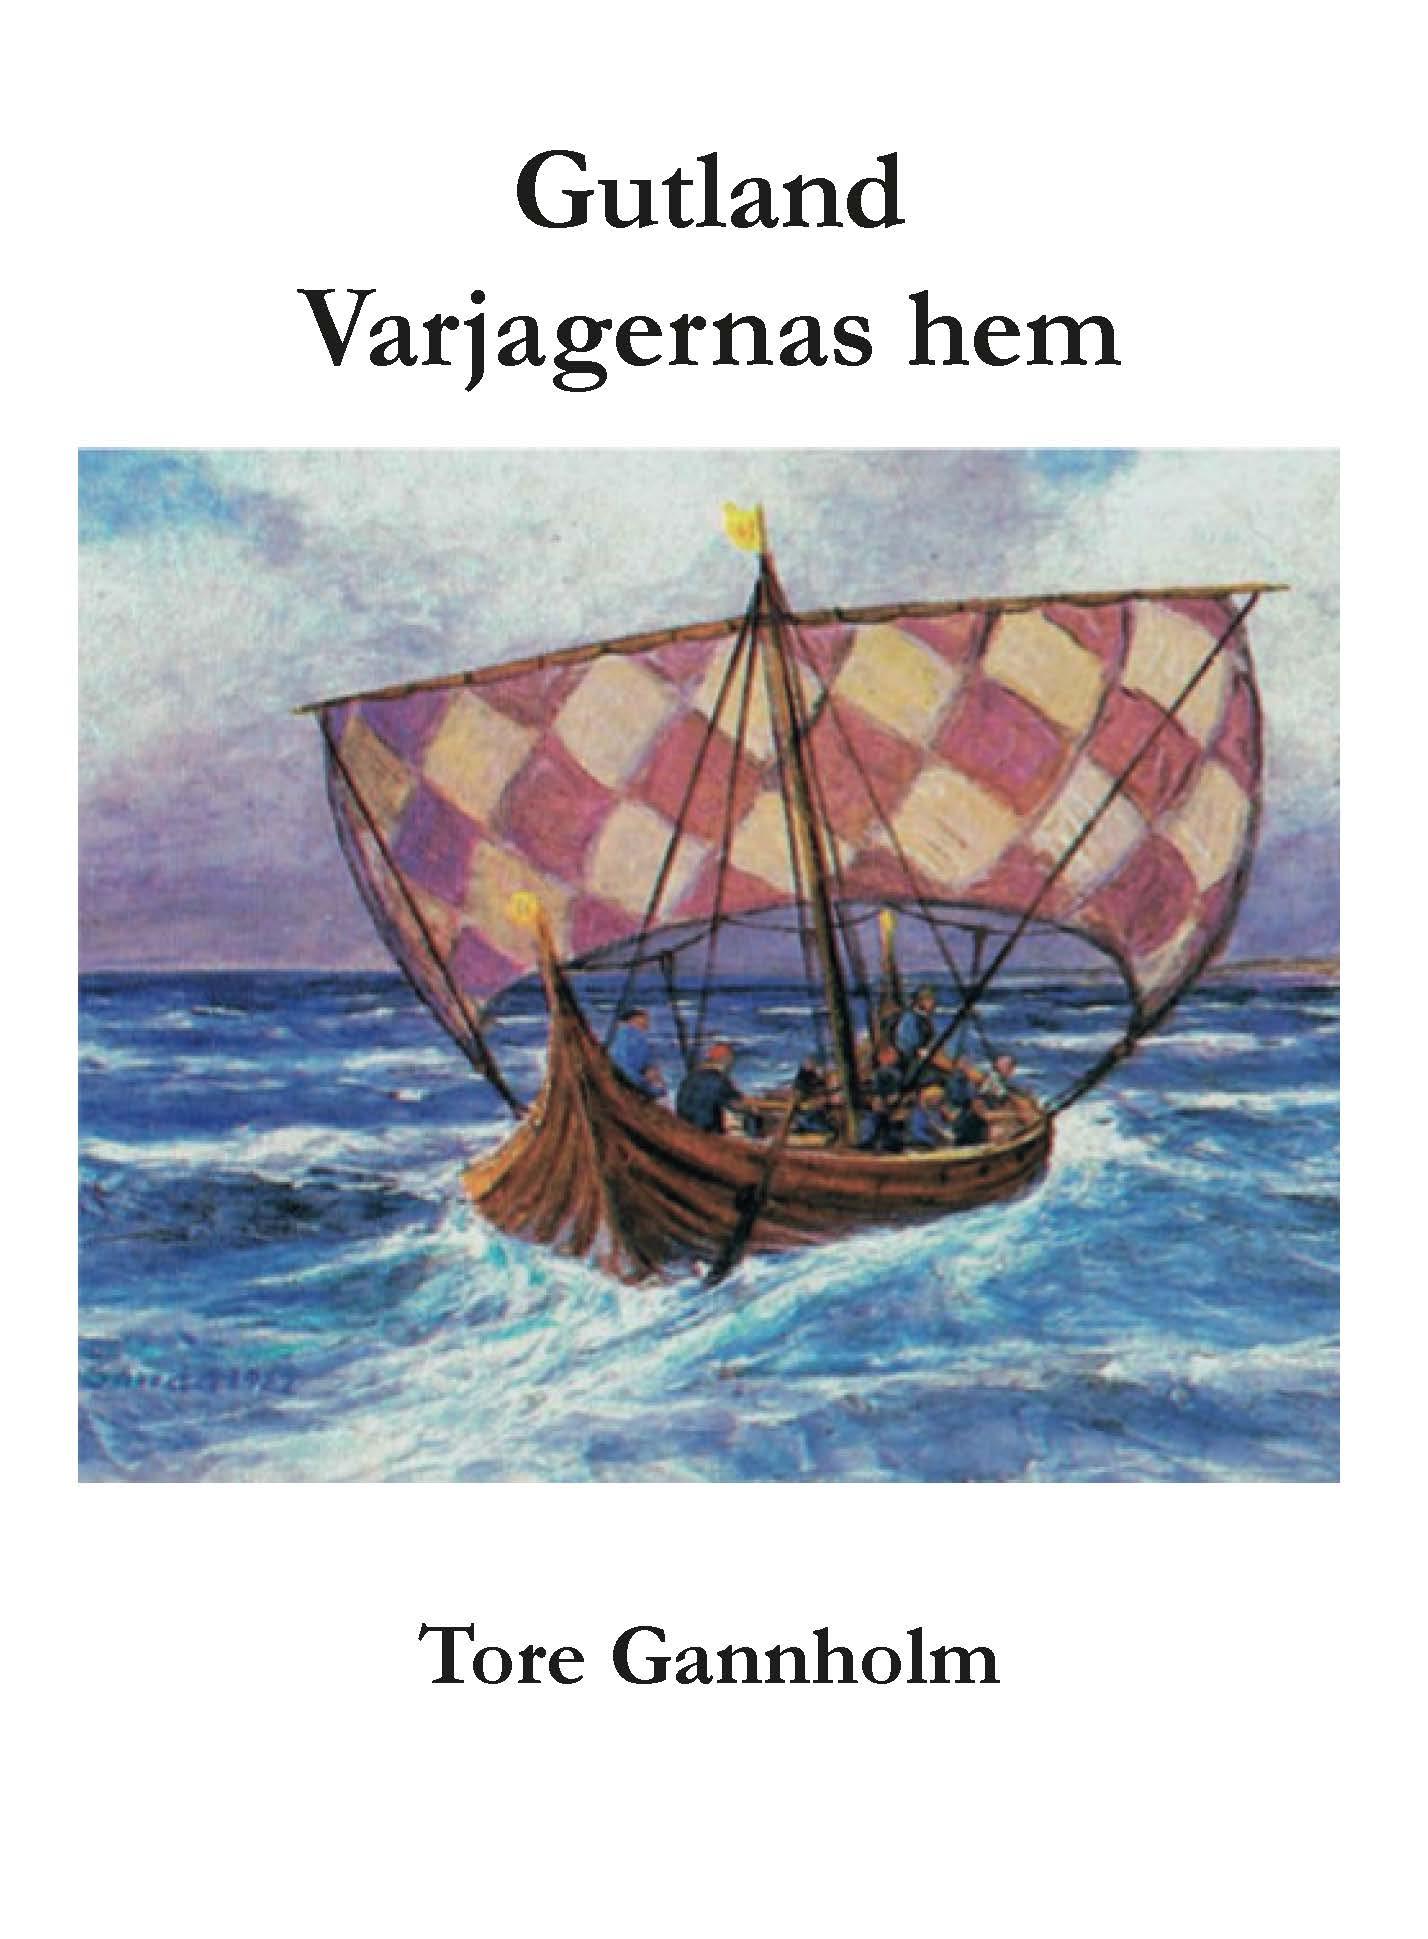 Gutland : varjagernas hem av Tore Gannholm